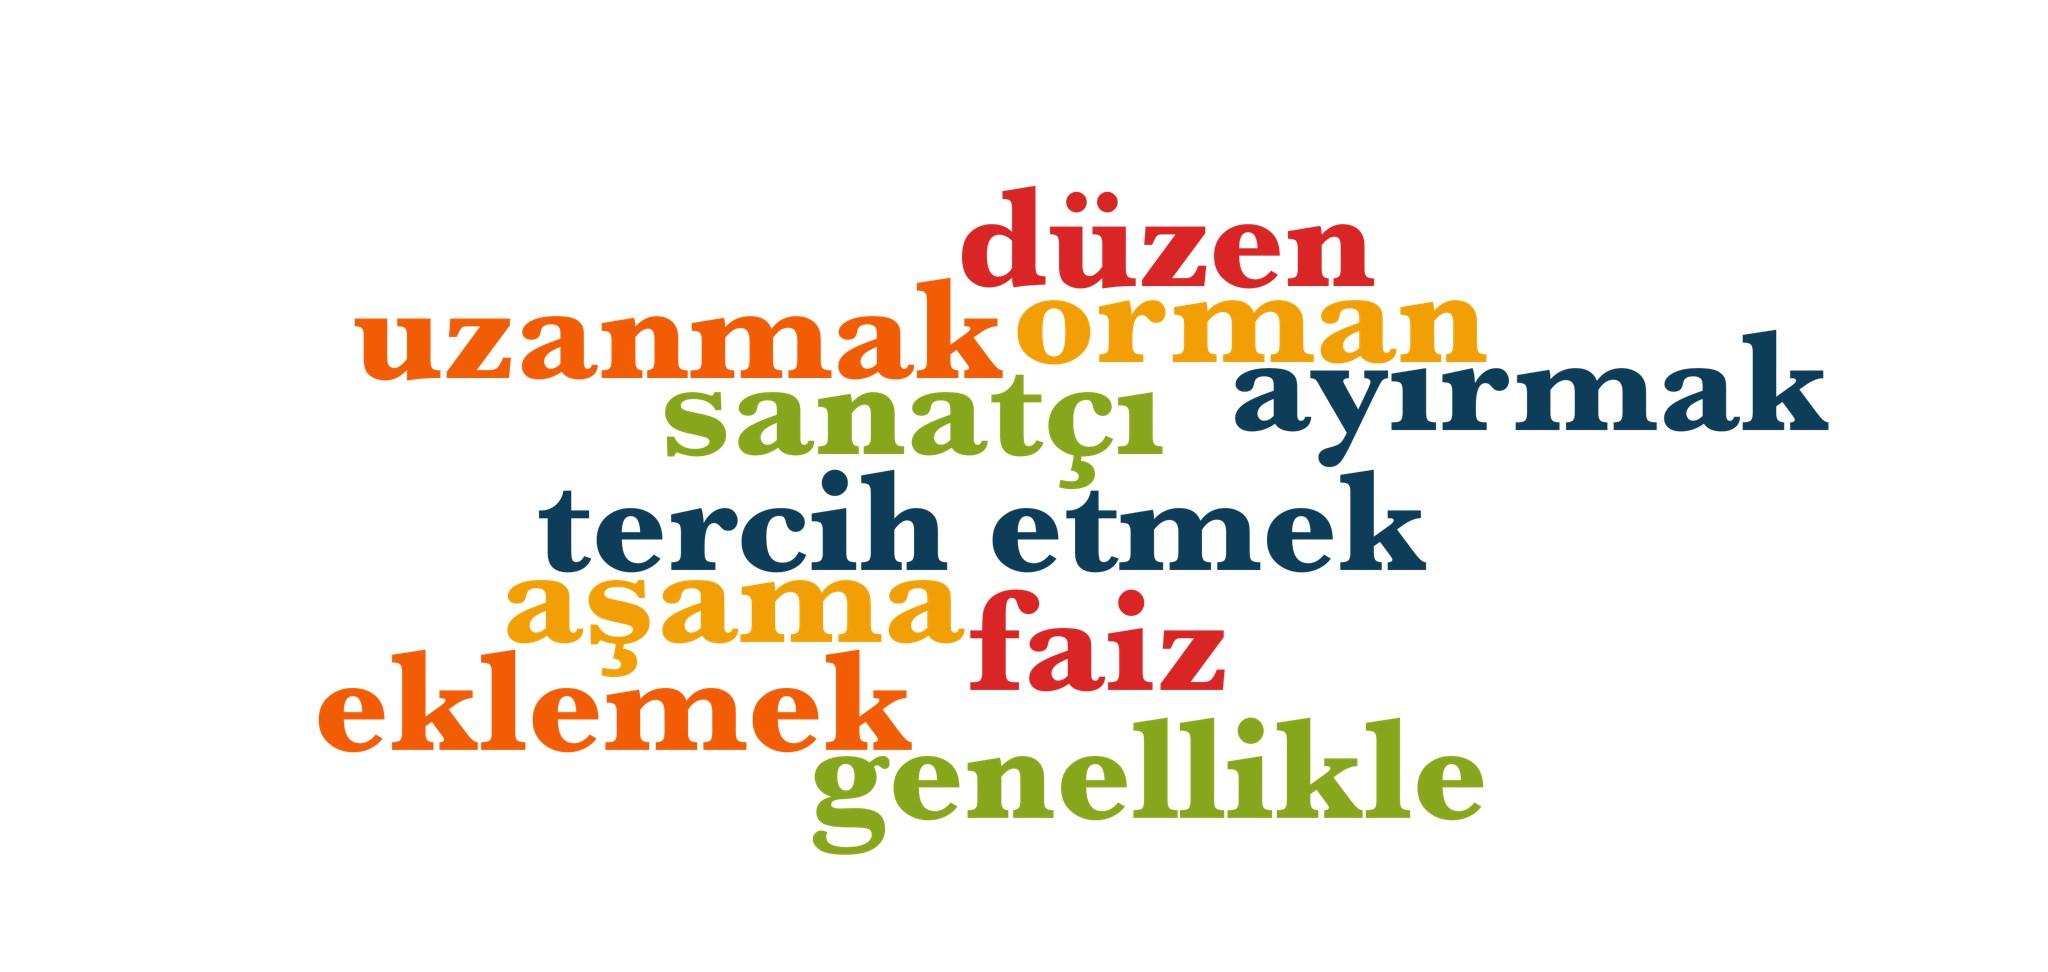 Wörter 731 bis 740 der 1000 häufigsten Wörter der türkischen Sprache